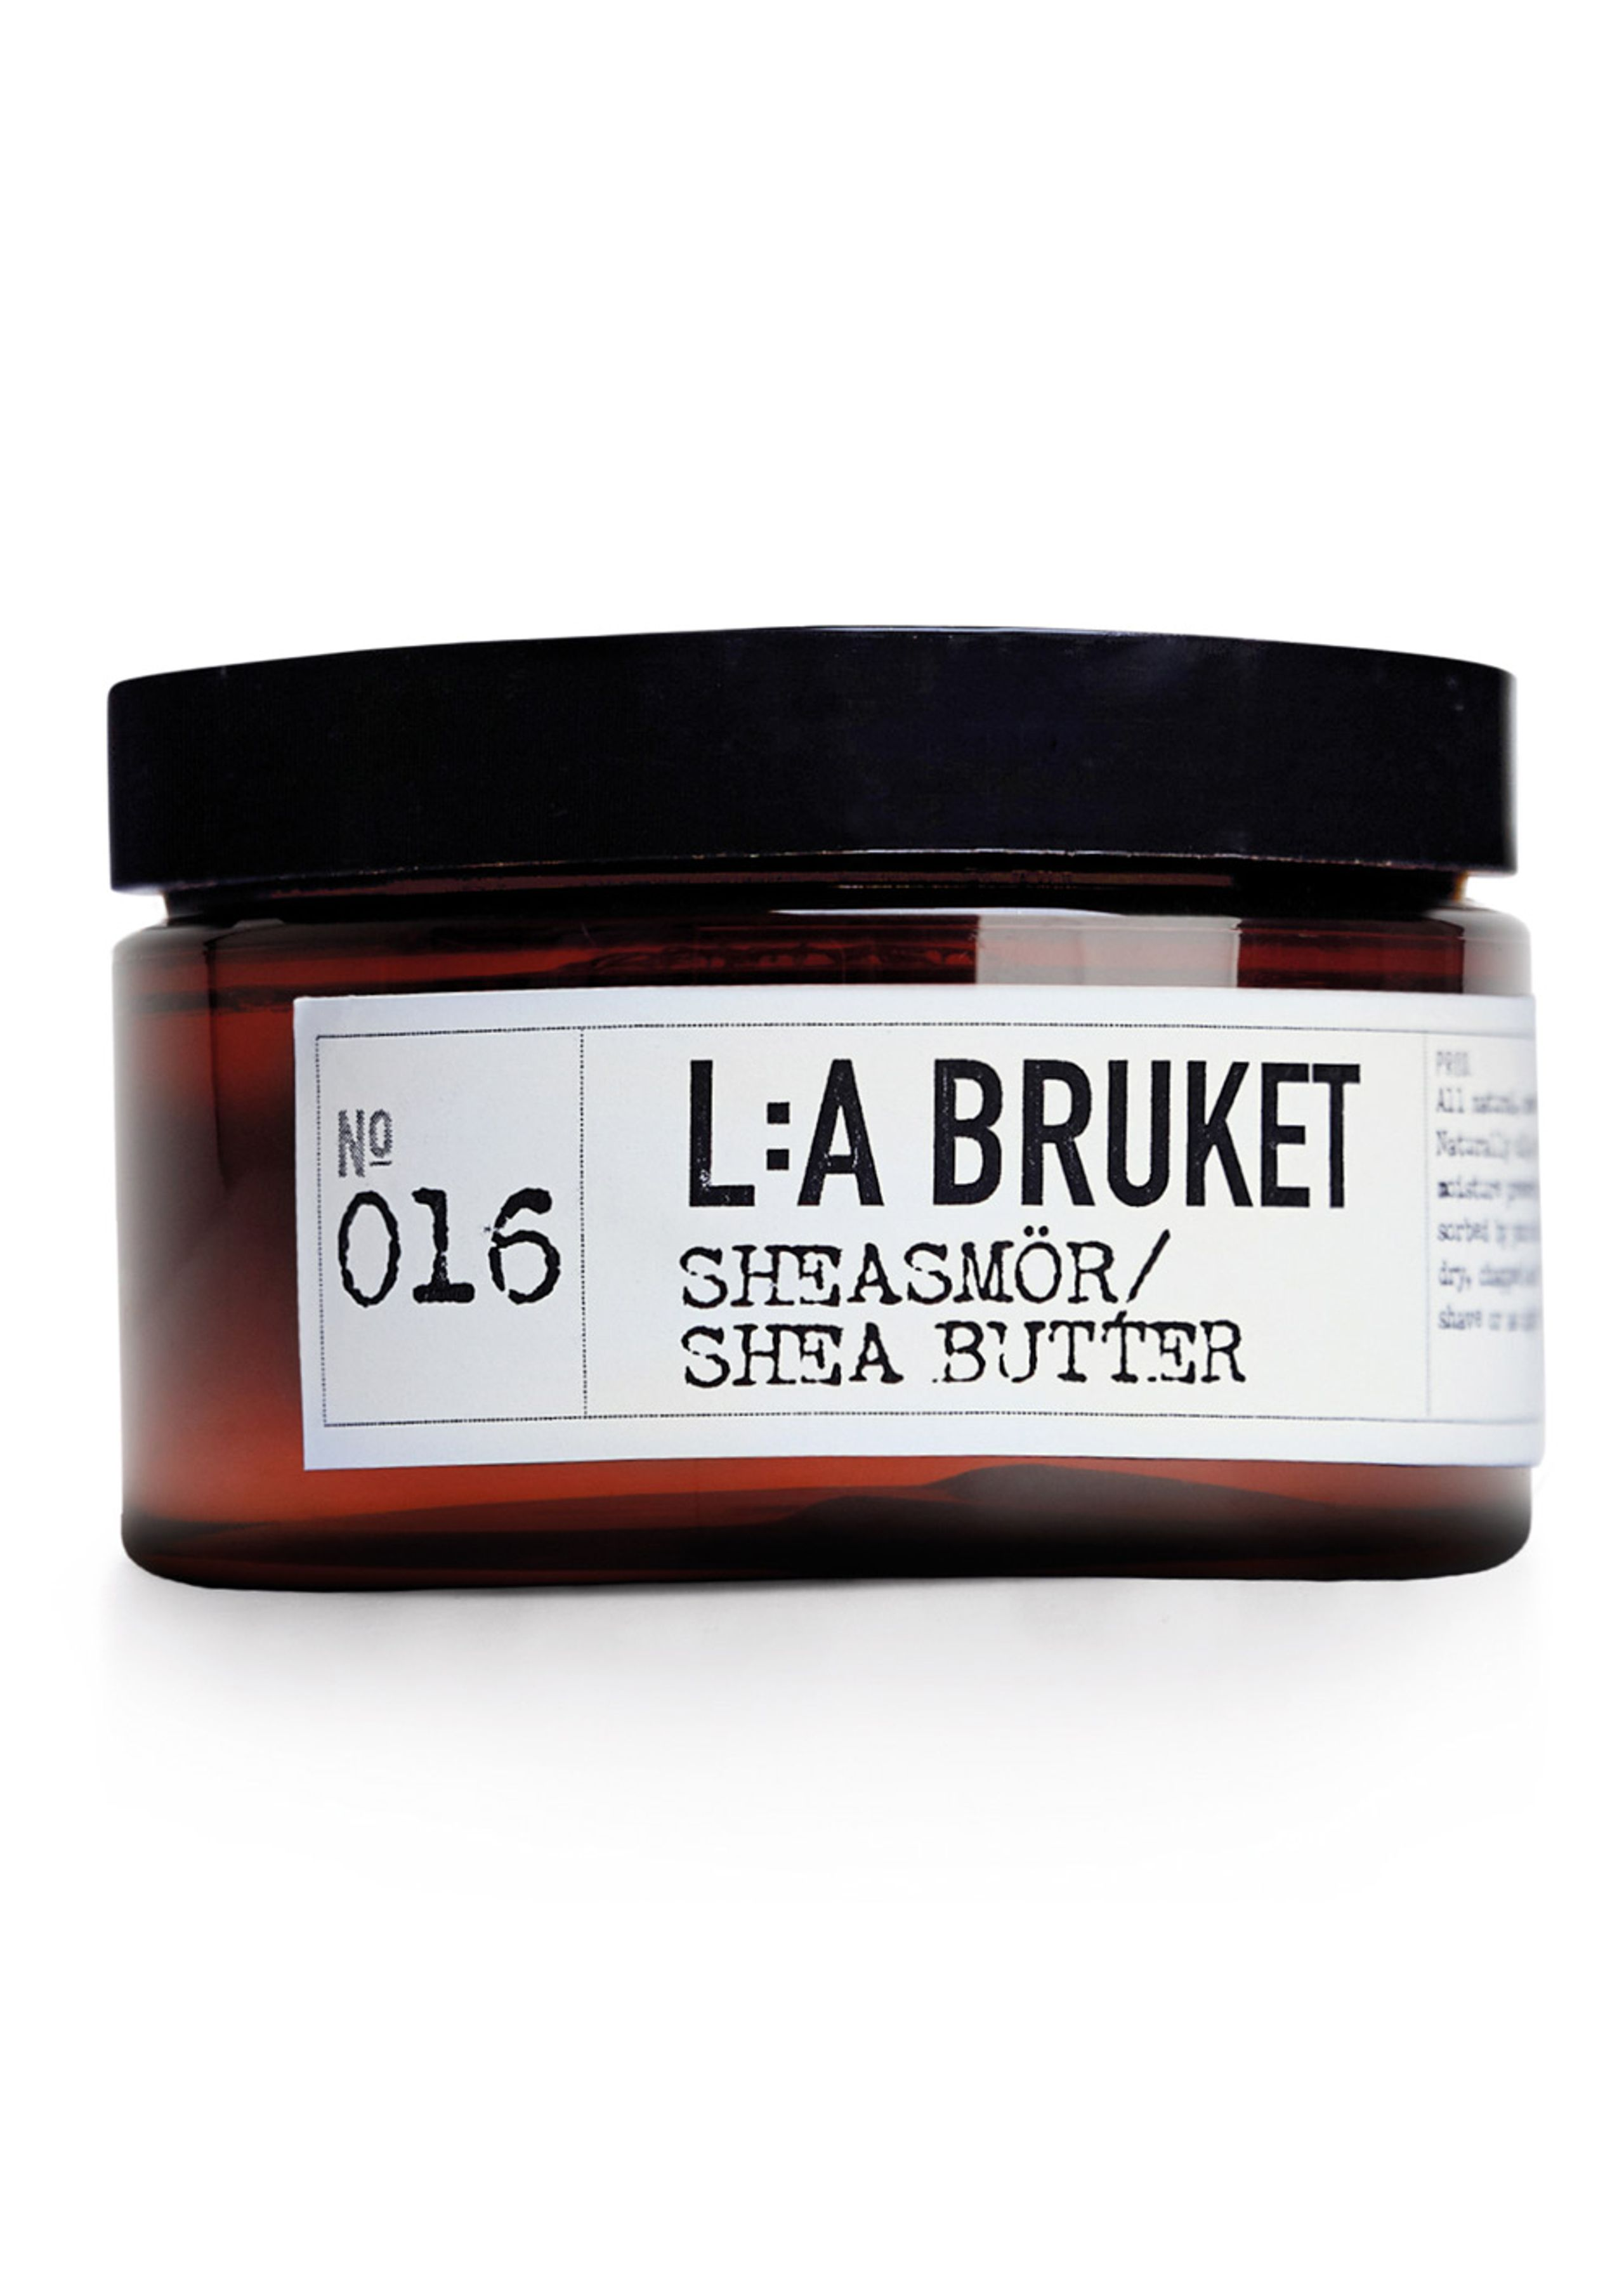 No. 016 shea butter natural